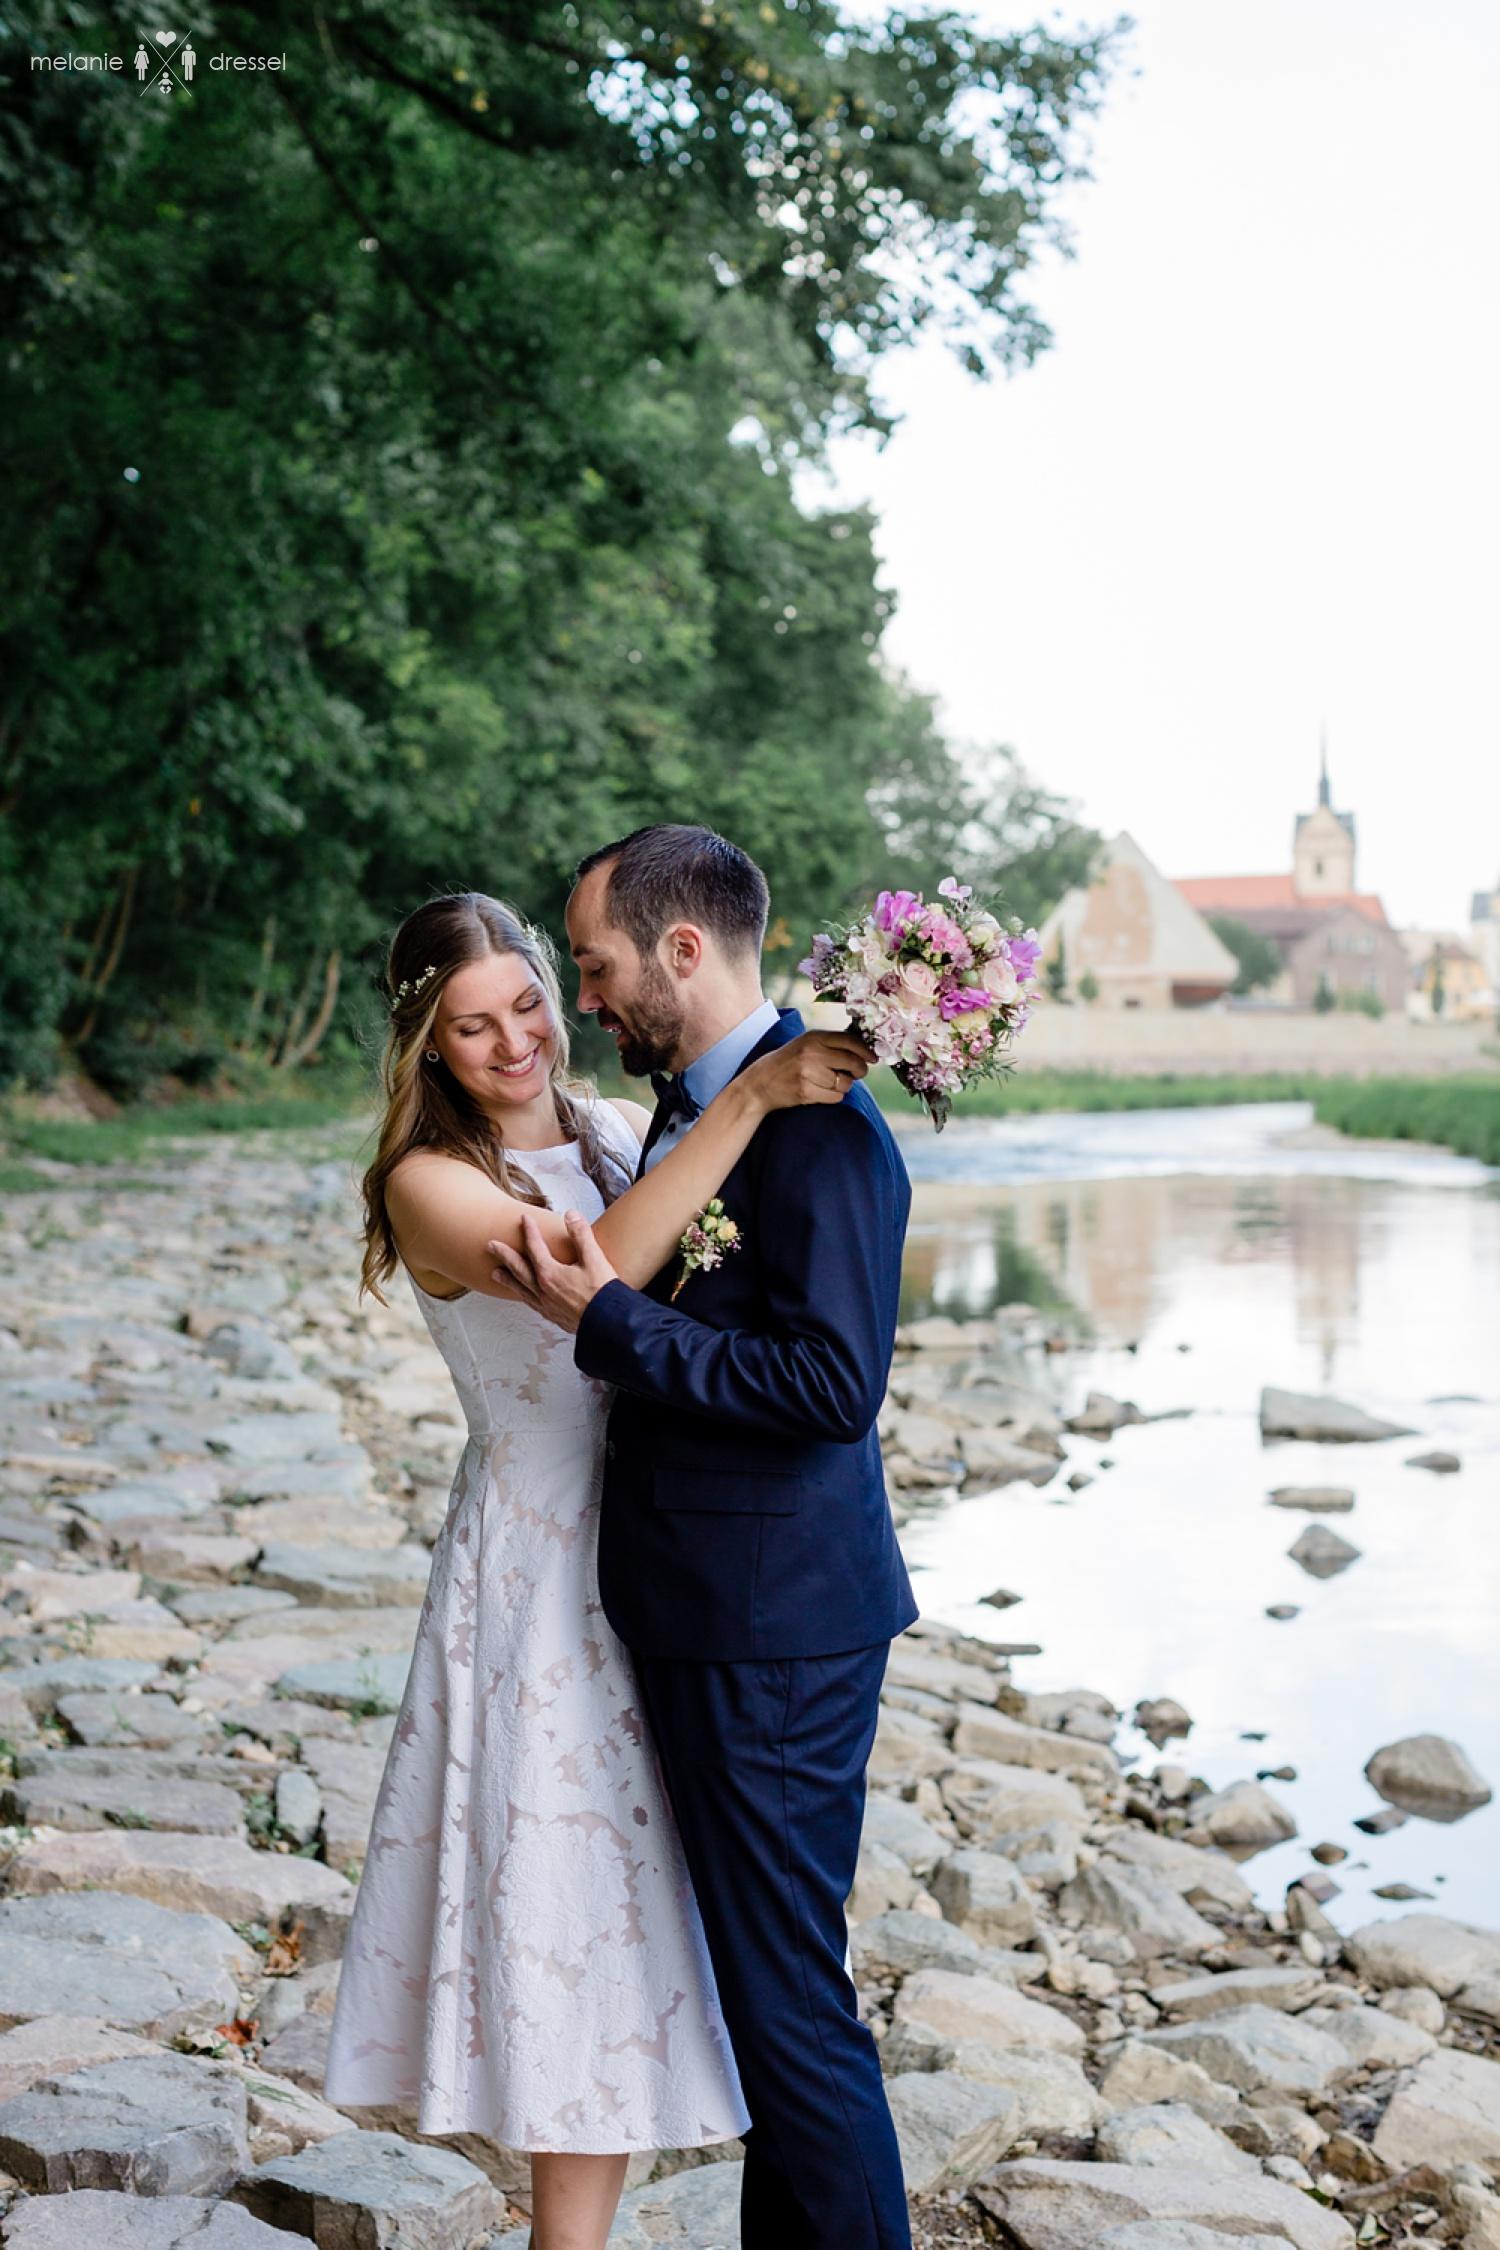 Brautpaar in Gera Untermhaus. Fotografiert von Hochzeitsfotografin Melanie Dressel, Gera.